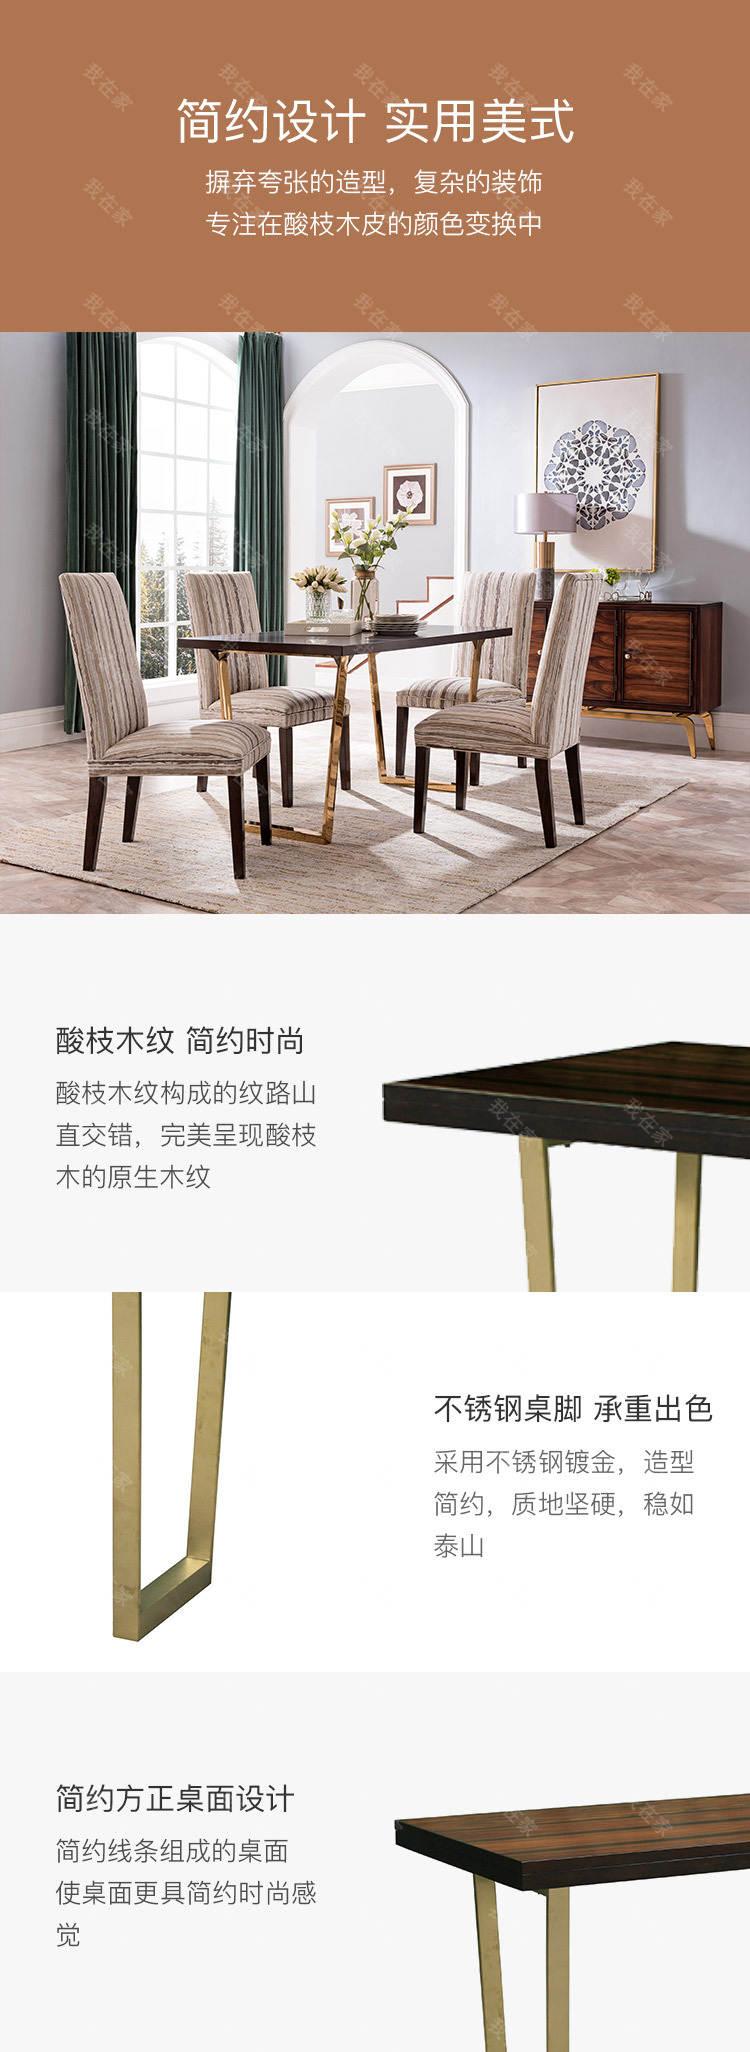 现代美式风格西西里餐桌的家具详细介绍